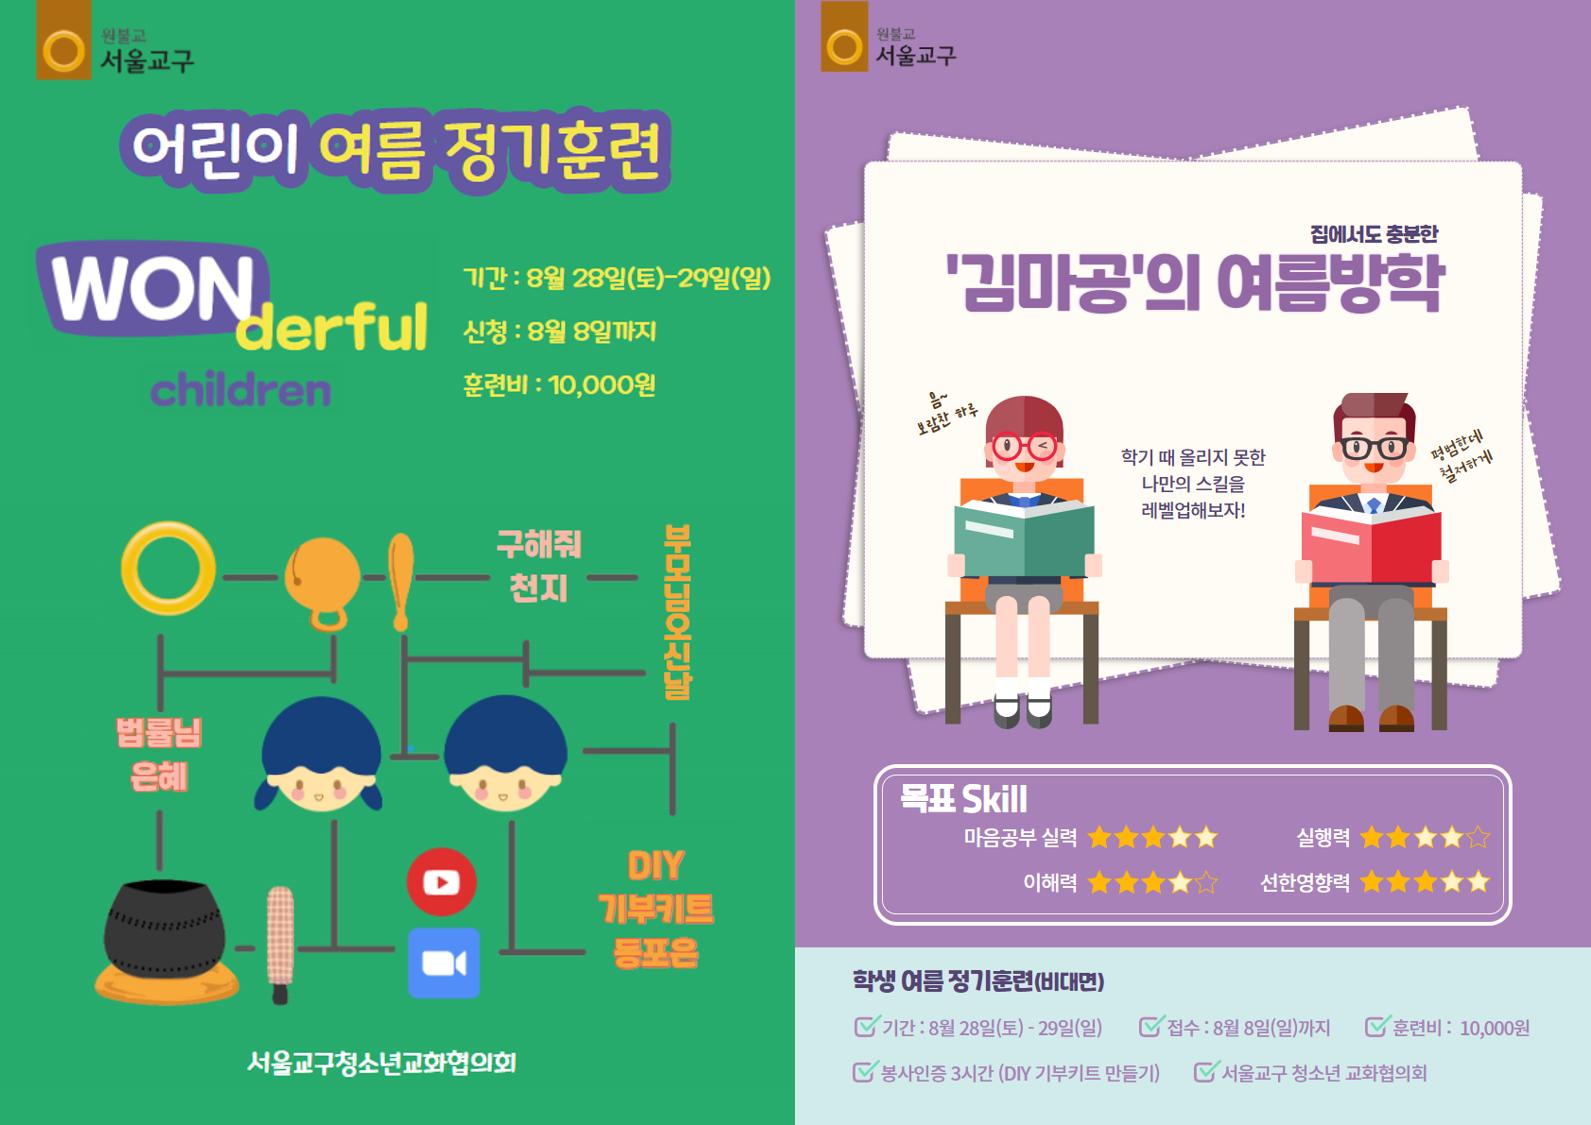 어린이 학생 여름정기훈련 포스터.png